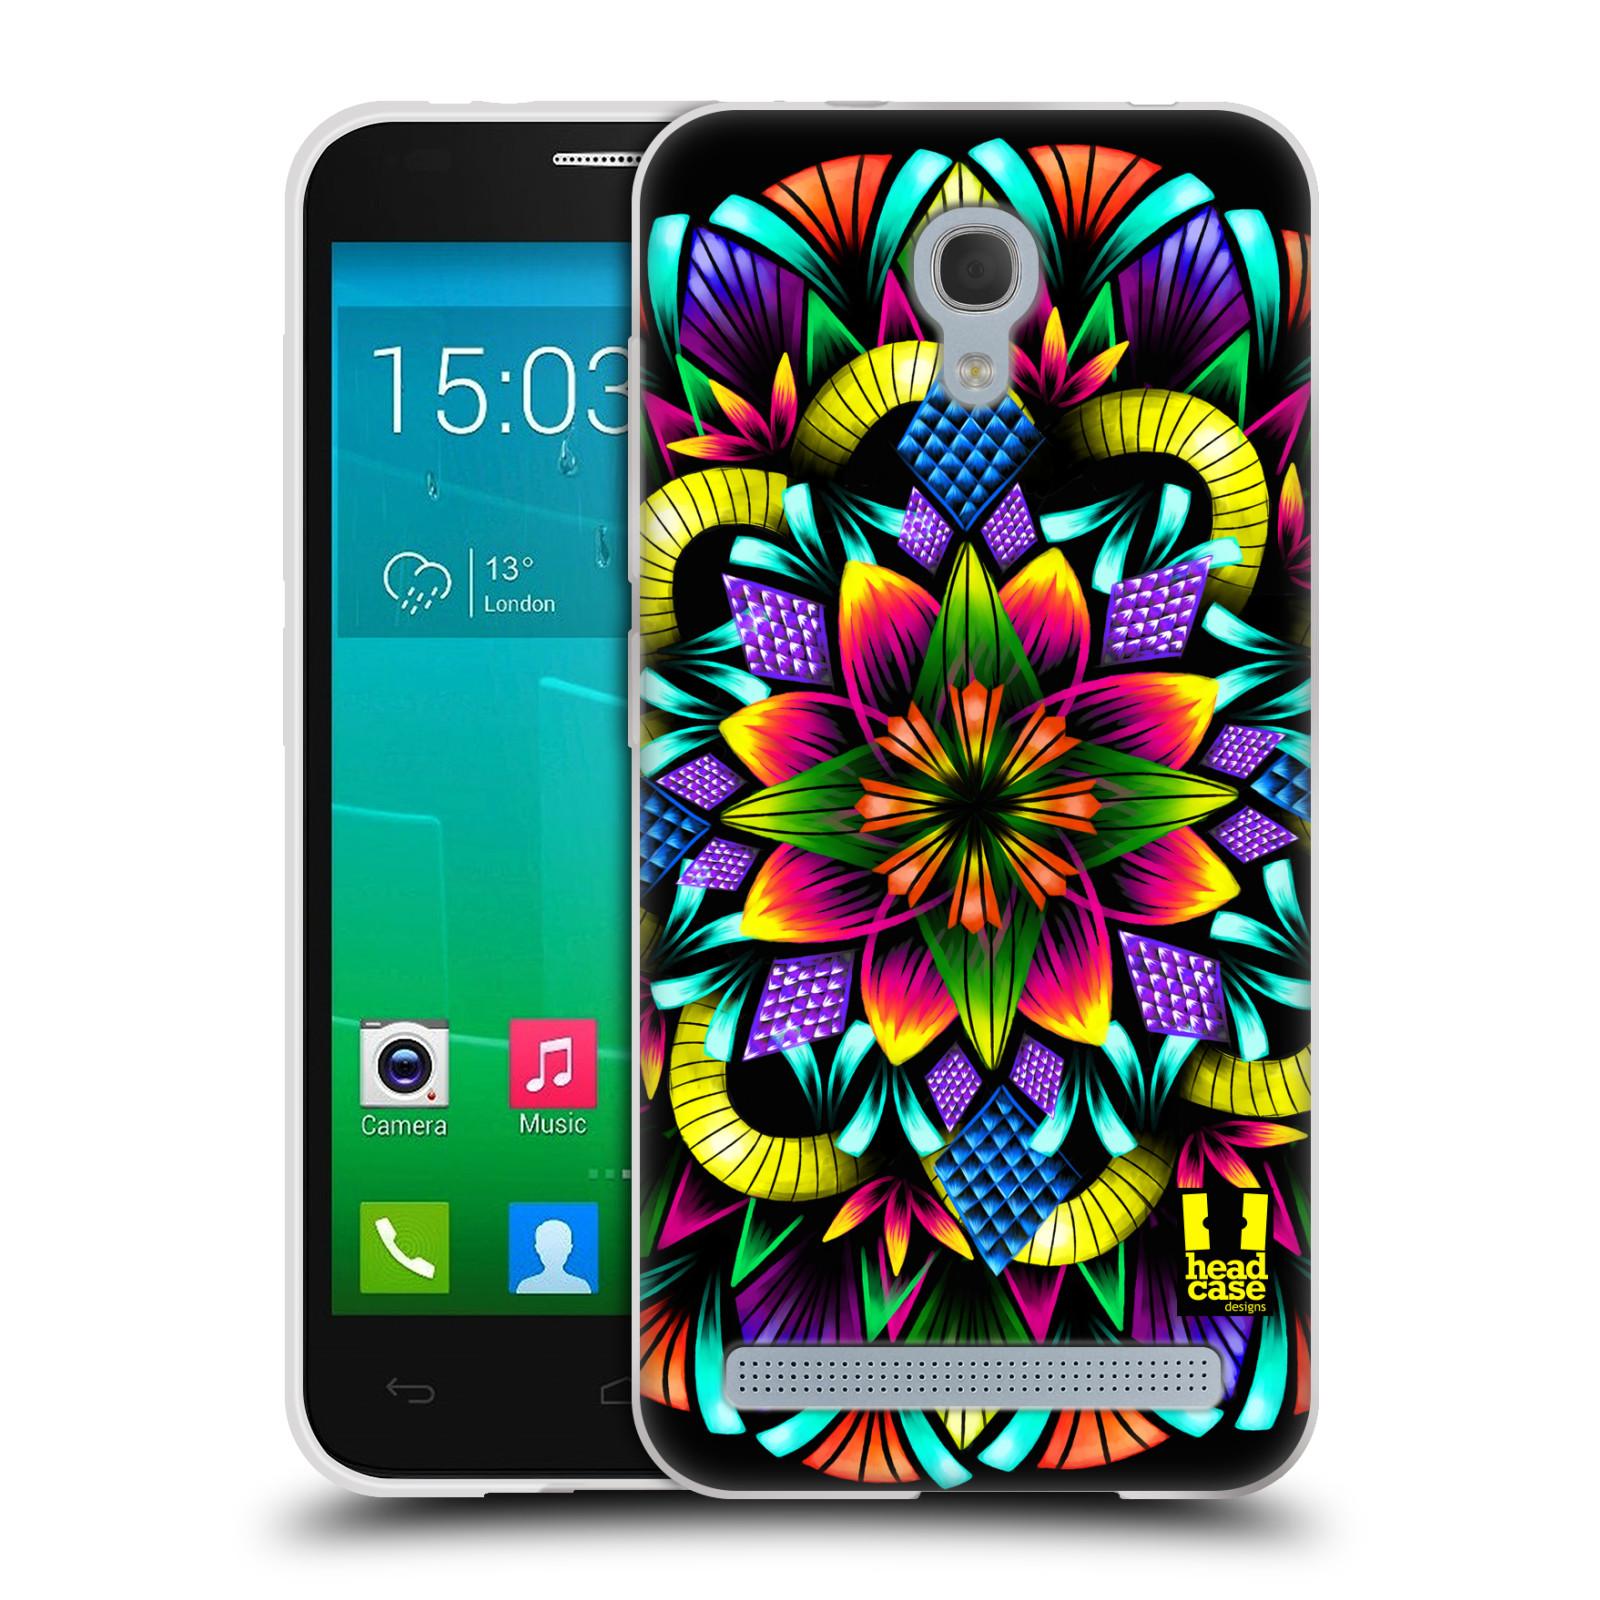 HEAD CASE silikonový obal na mobil Alcatel Idol 2 MINI S 6036Y vzor Indie Mandala kaleidoskop barevný vzor KVĚTINA